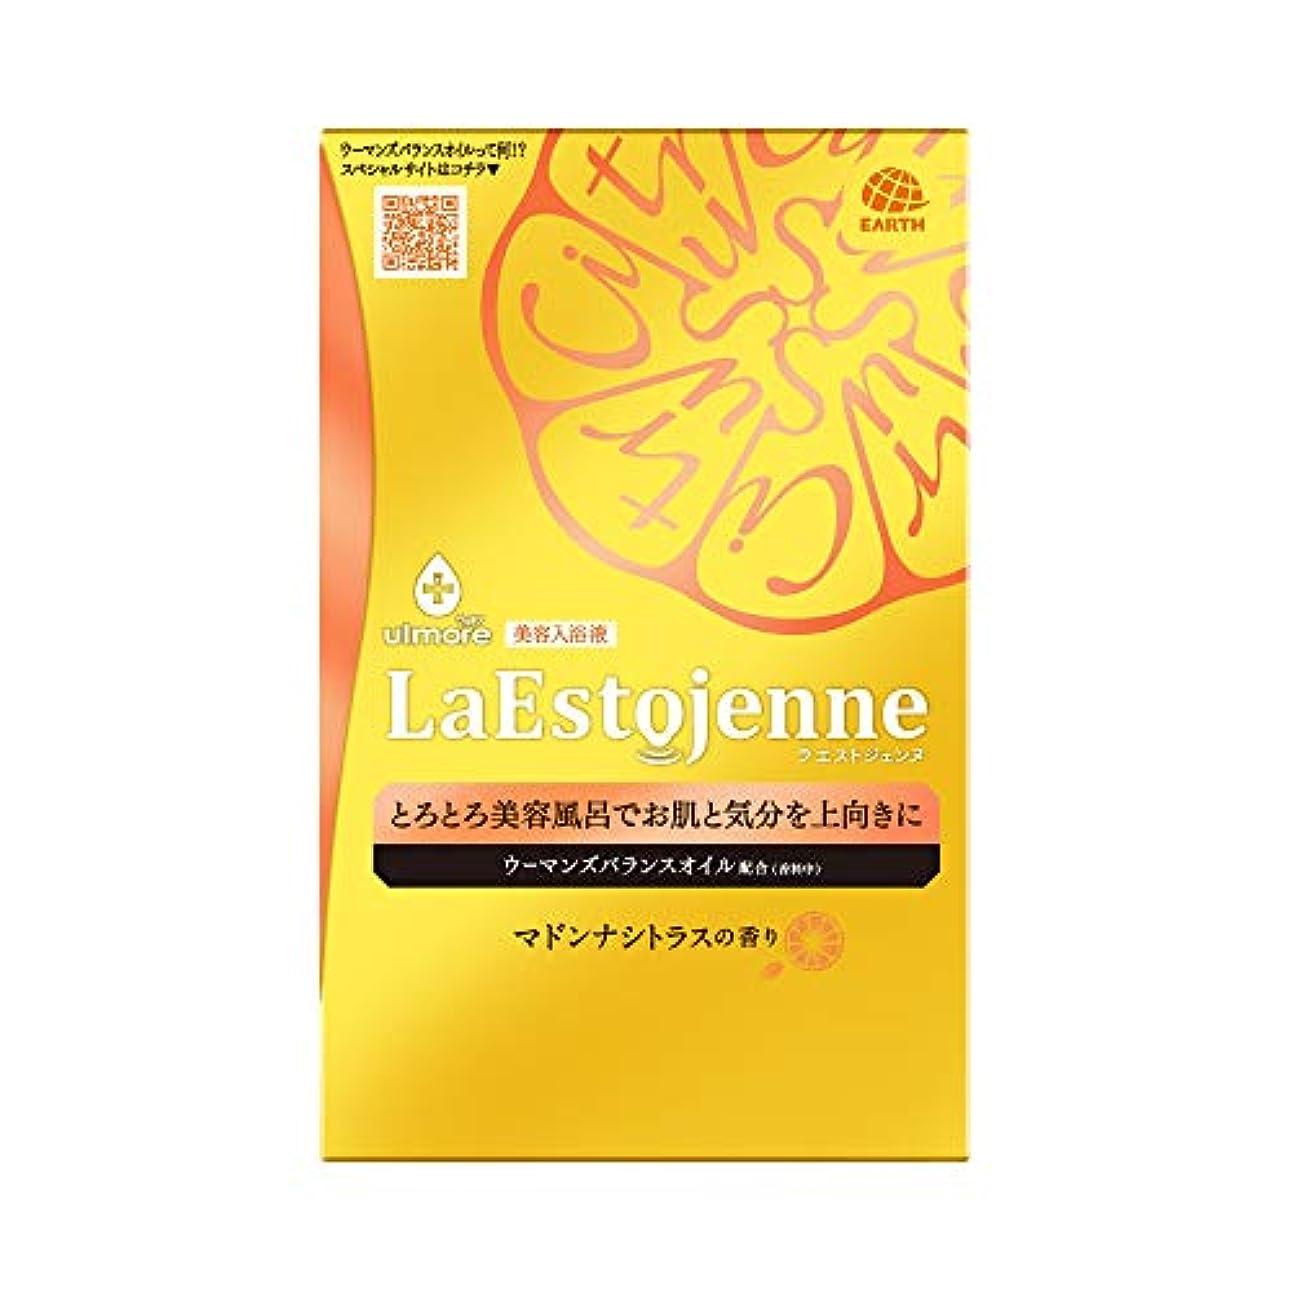 タンカーマナー尊厳ウルモア ラエストジェンヌ 入浴剤 マドンナシトラスの香り [160ml x 3包入り]